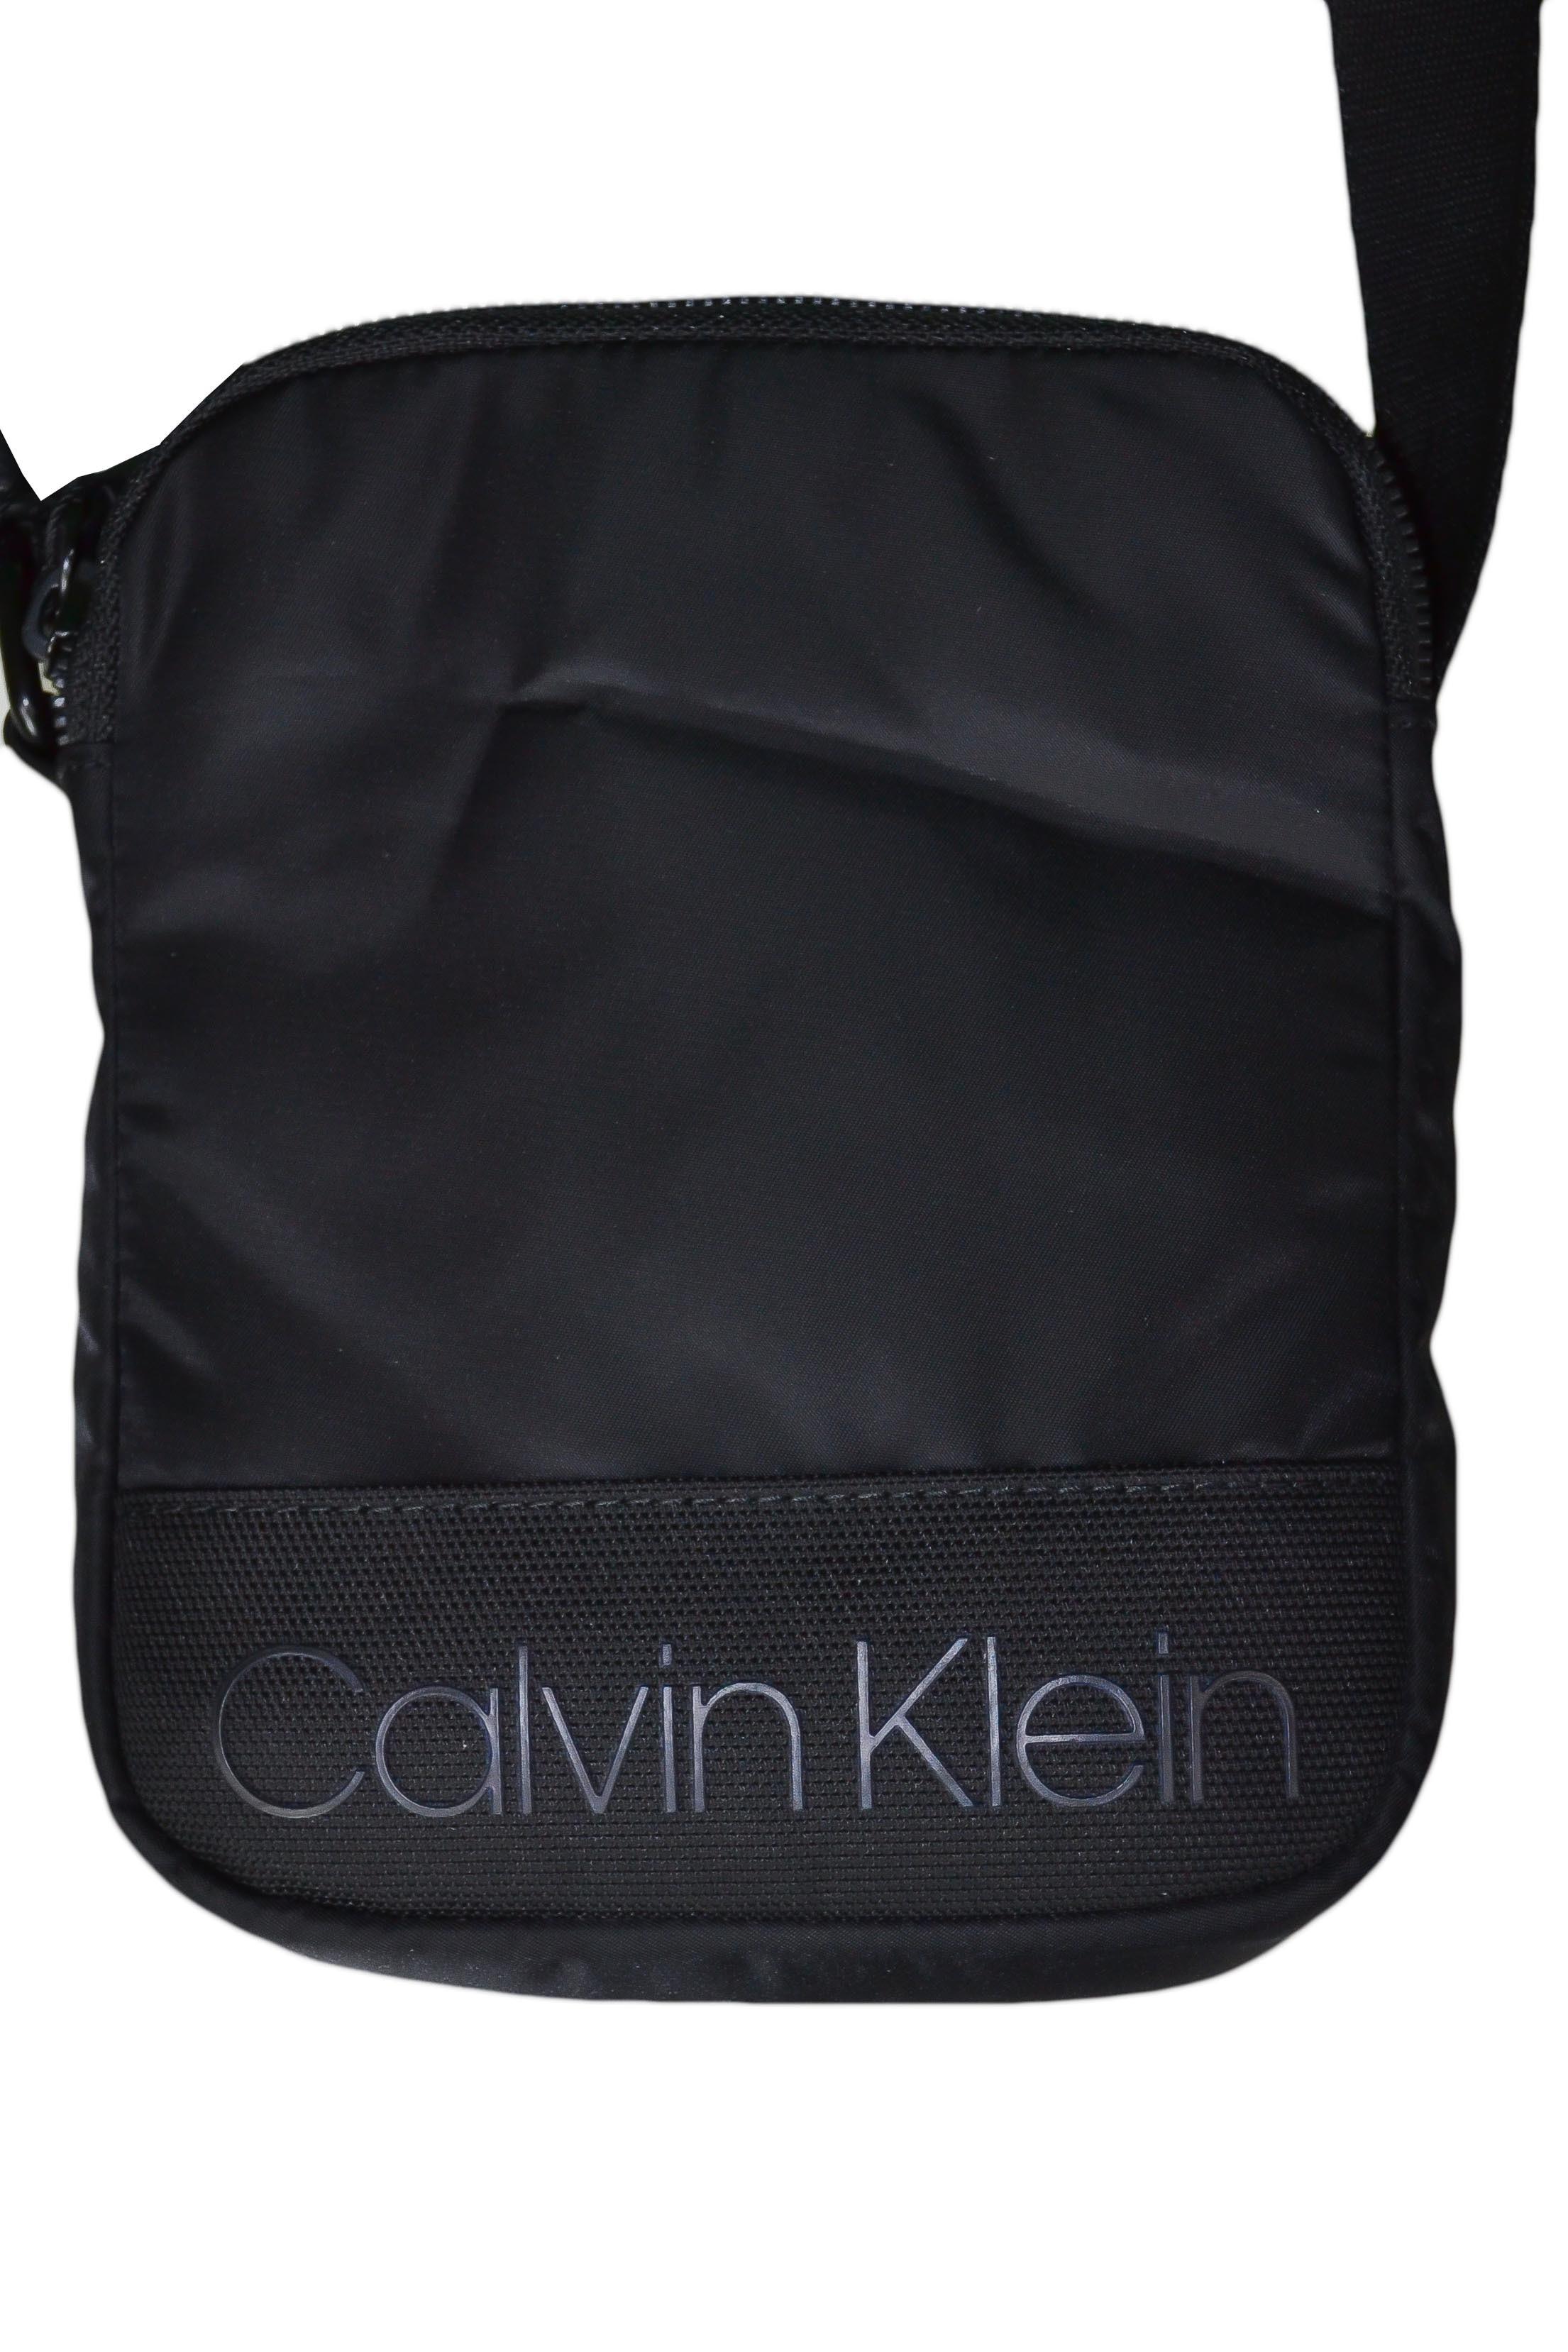 Sac bandoulière Calvin Klein noir en nylon pour homme Toujours au